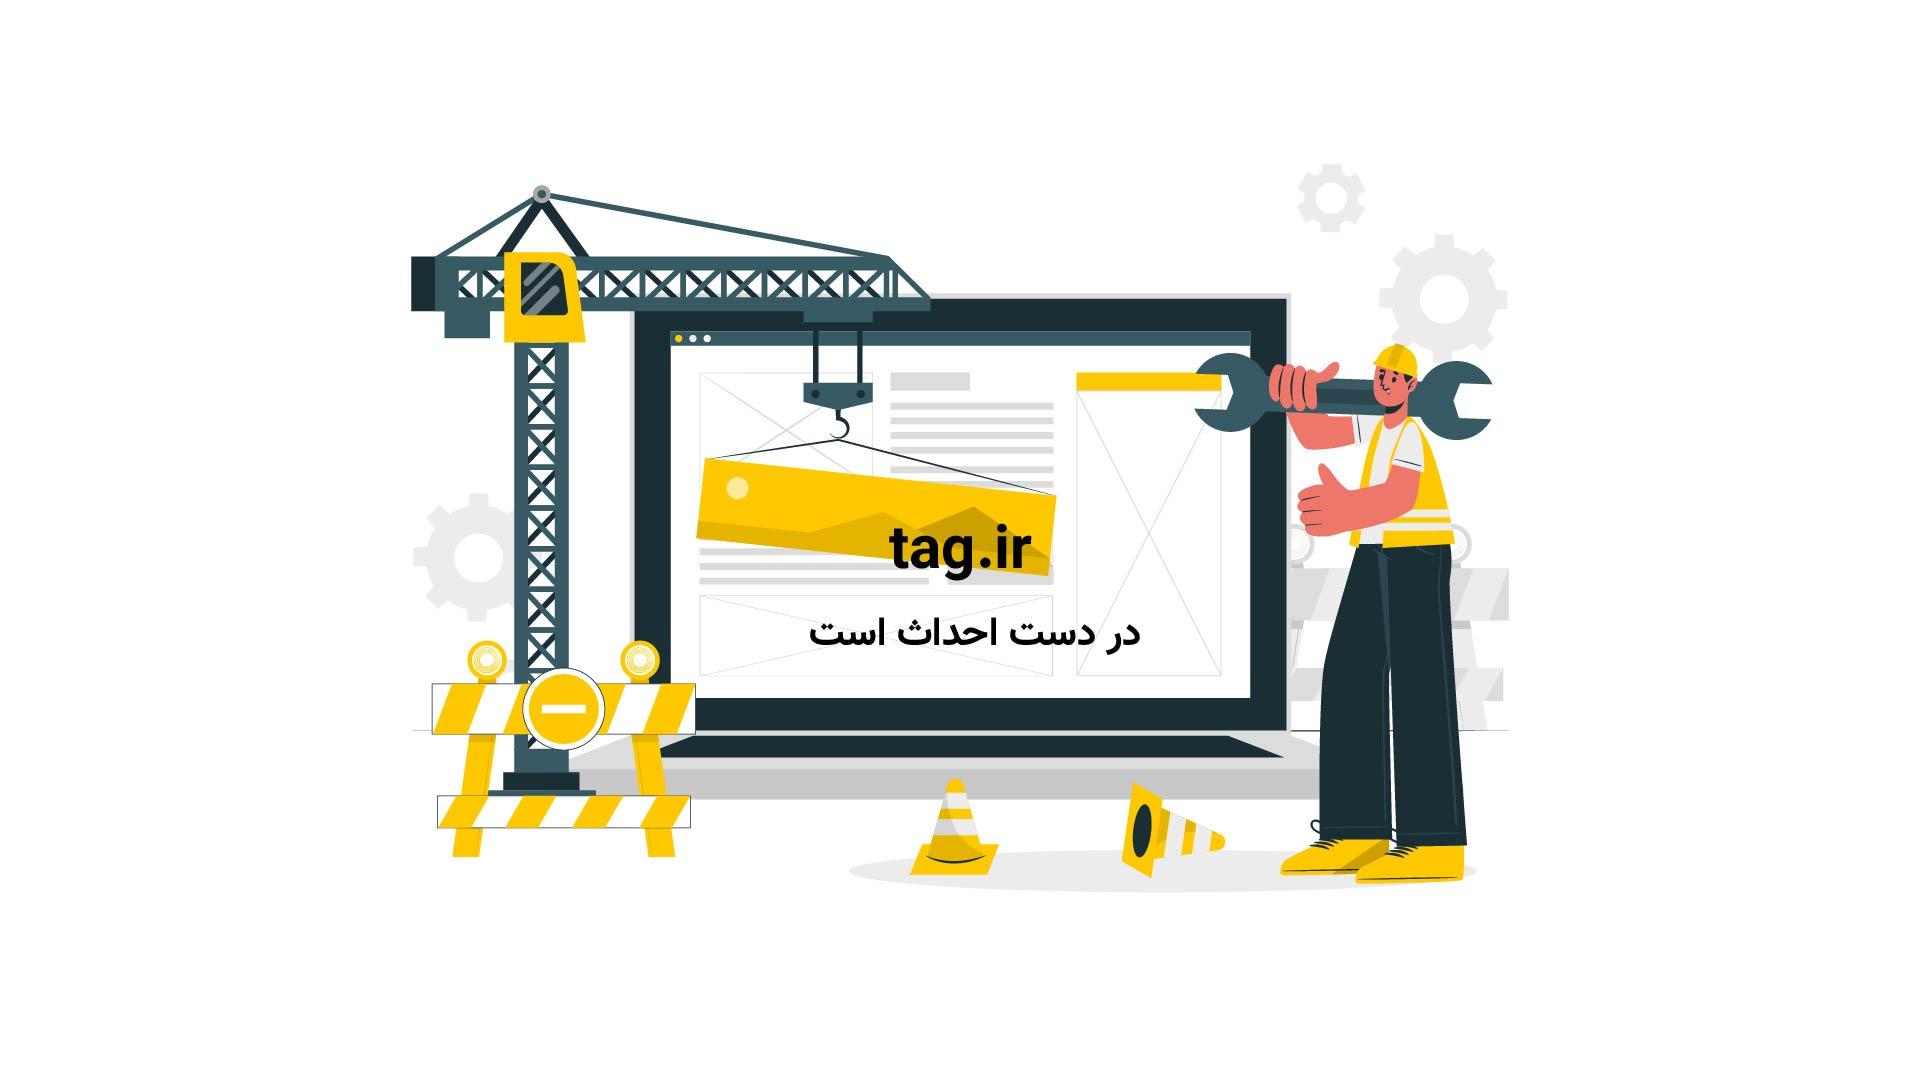 سخنرانی های تد؛ ما نیازمند تصور آینده ای متفاوت هستیم |فیلم